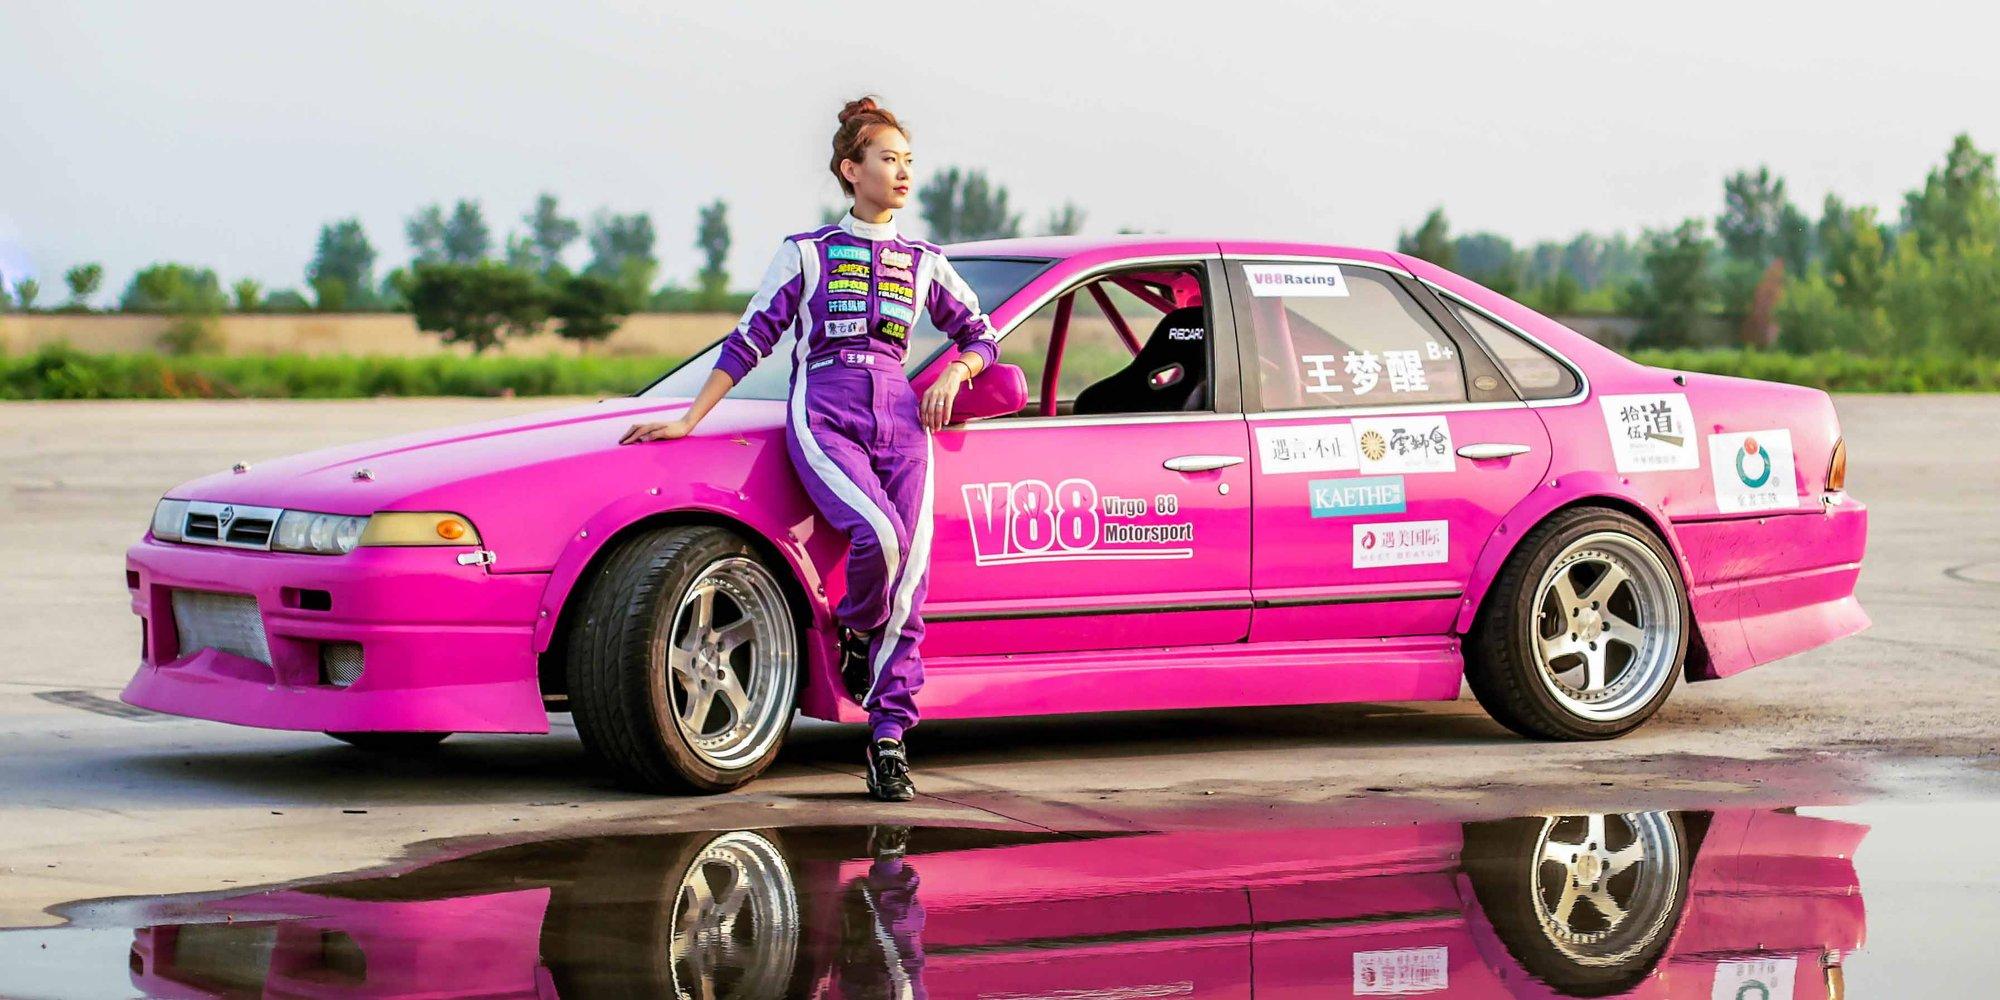 【燕女郎】北京顶级美女赛车手开300万跑车 曾险丧身于沙漠